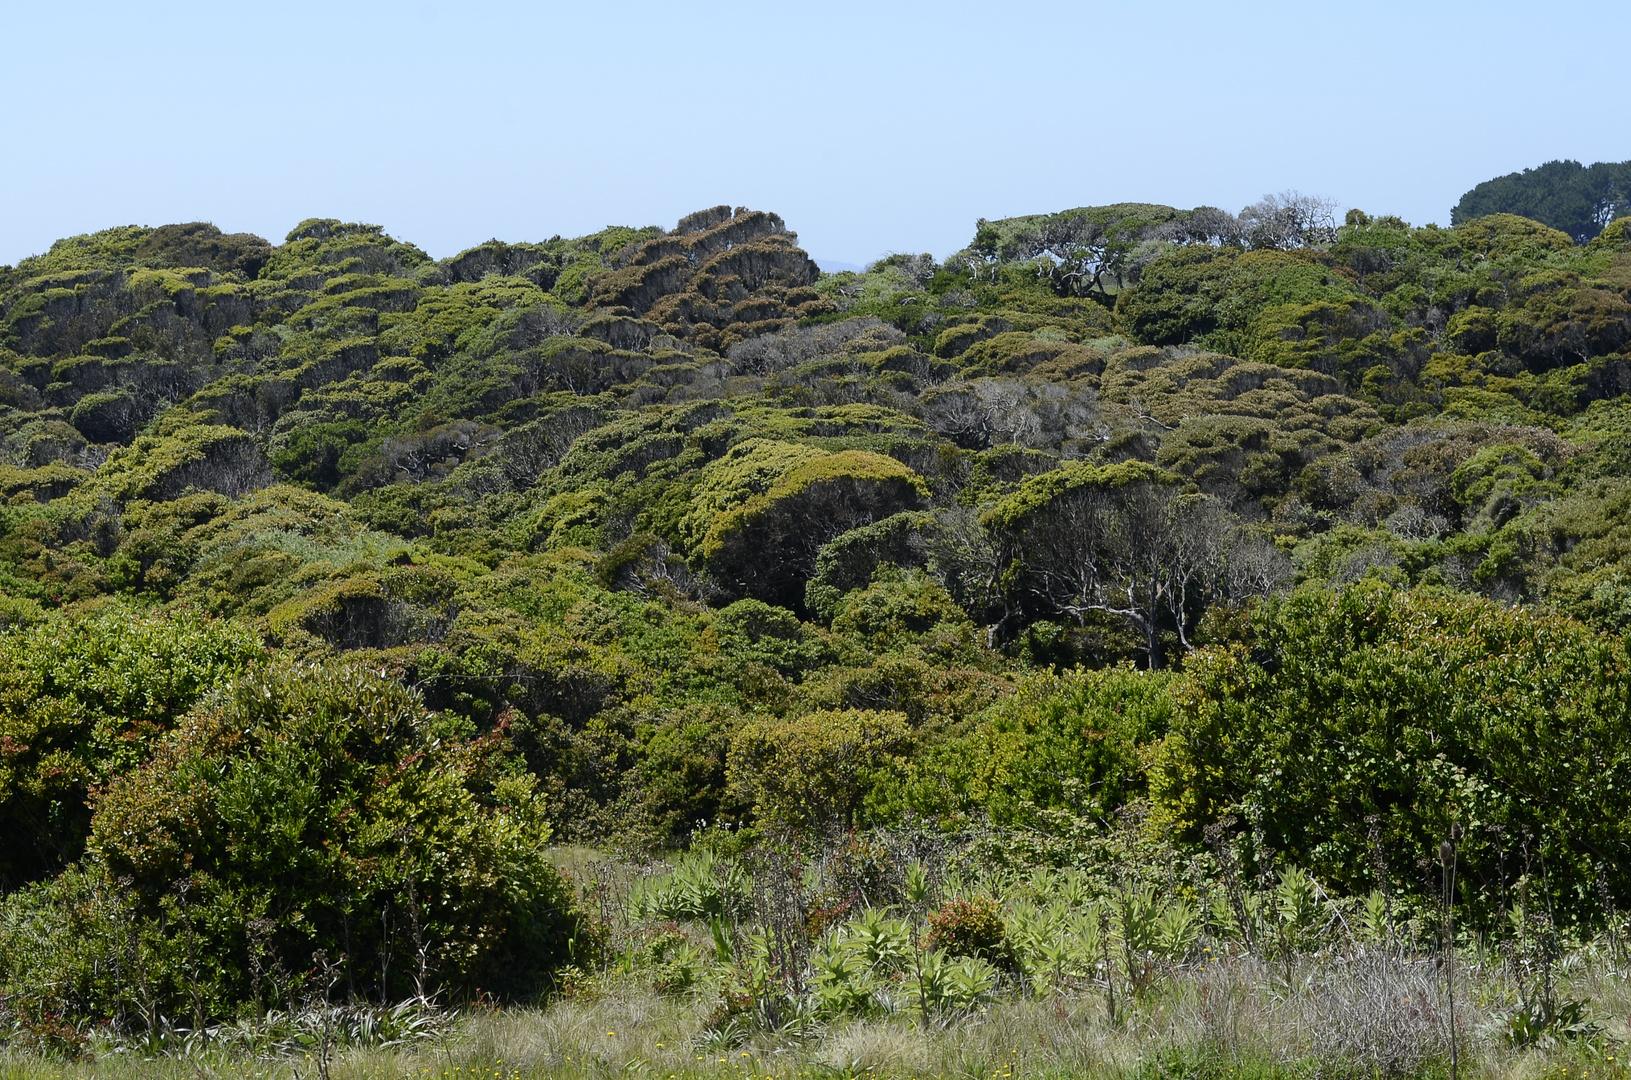 Bosque nativo chileno de costa (Queules, Pitaos, Peumos, Boldos, Olivillos, etc)